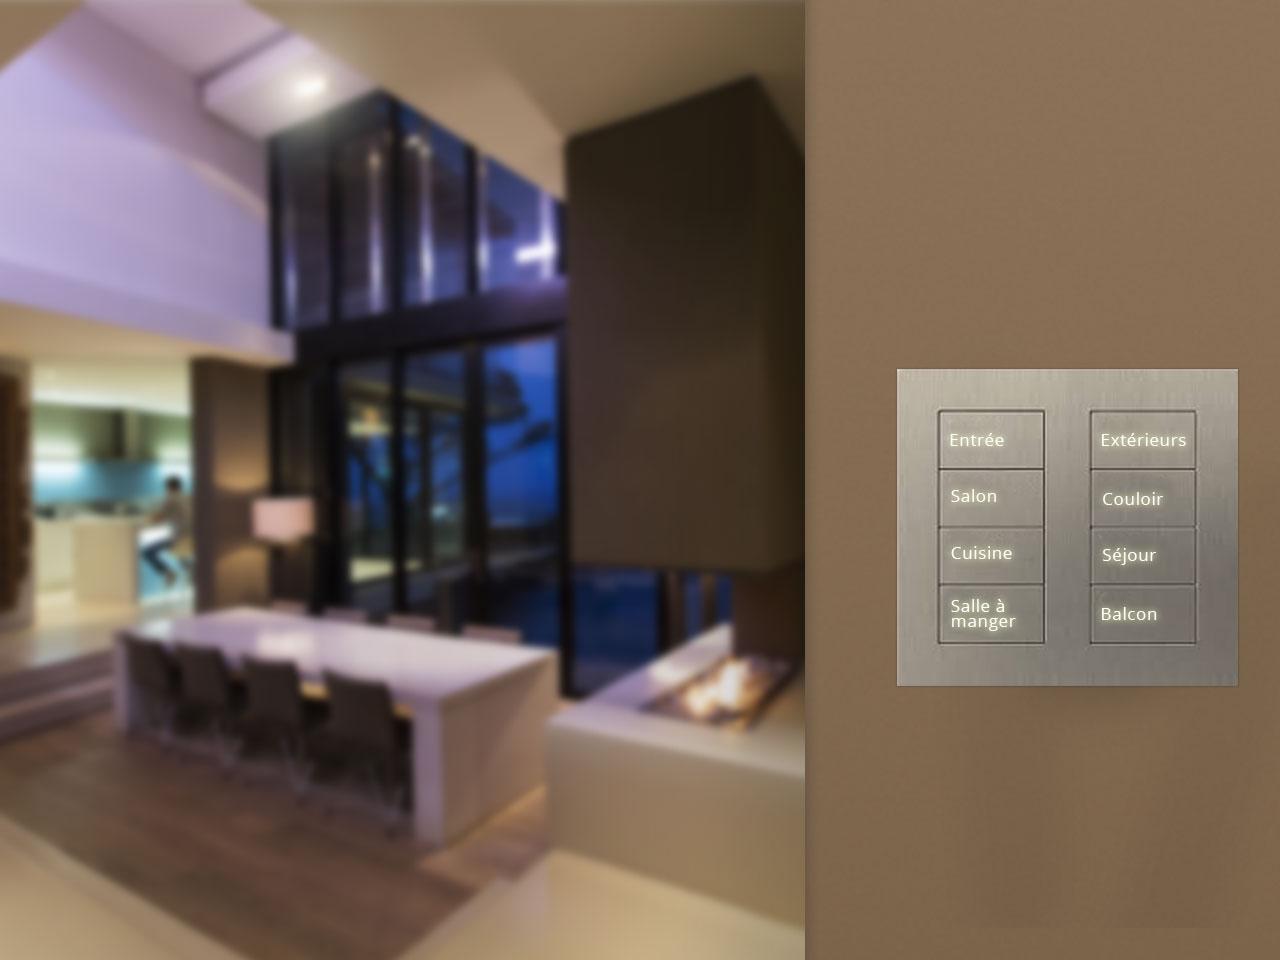 Système d'éclairage automatique résidentiel